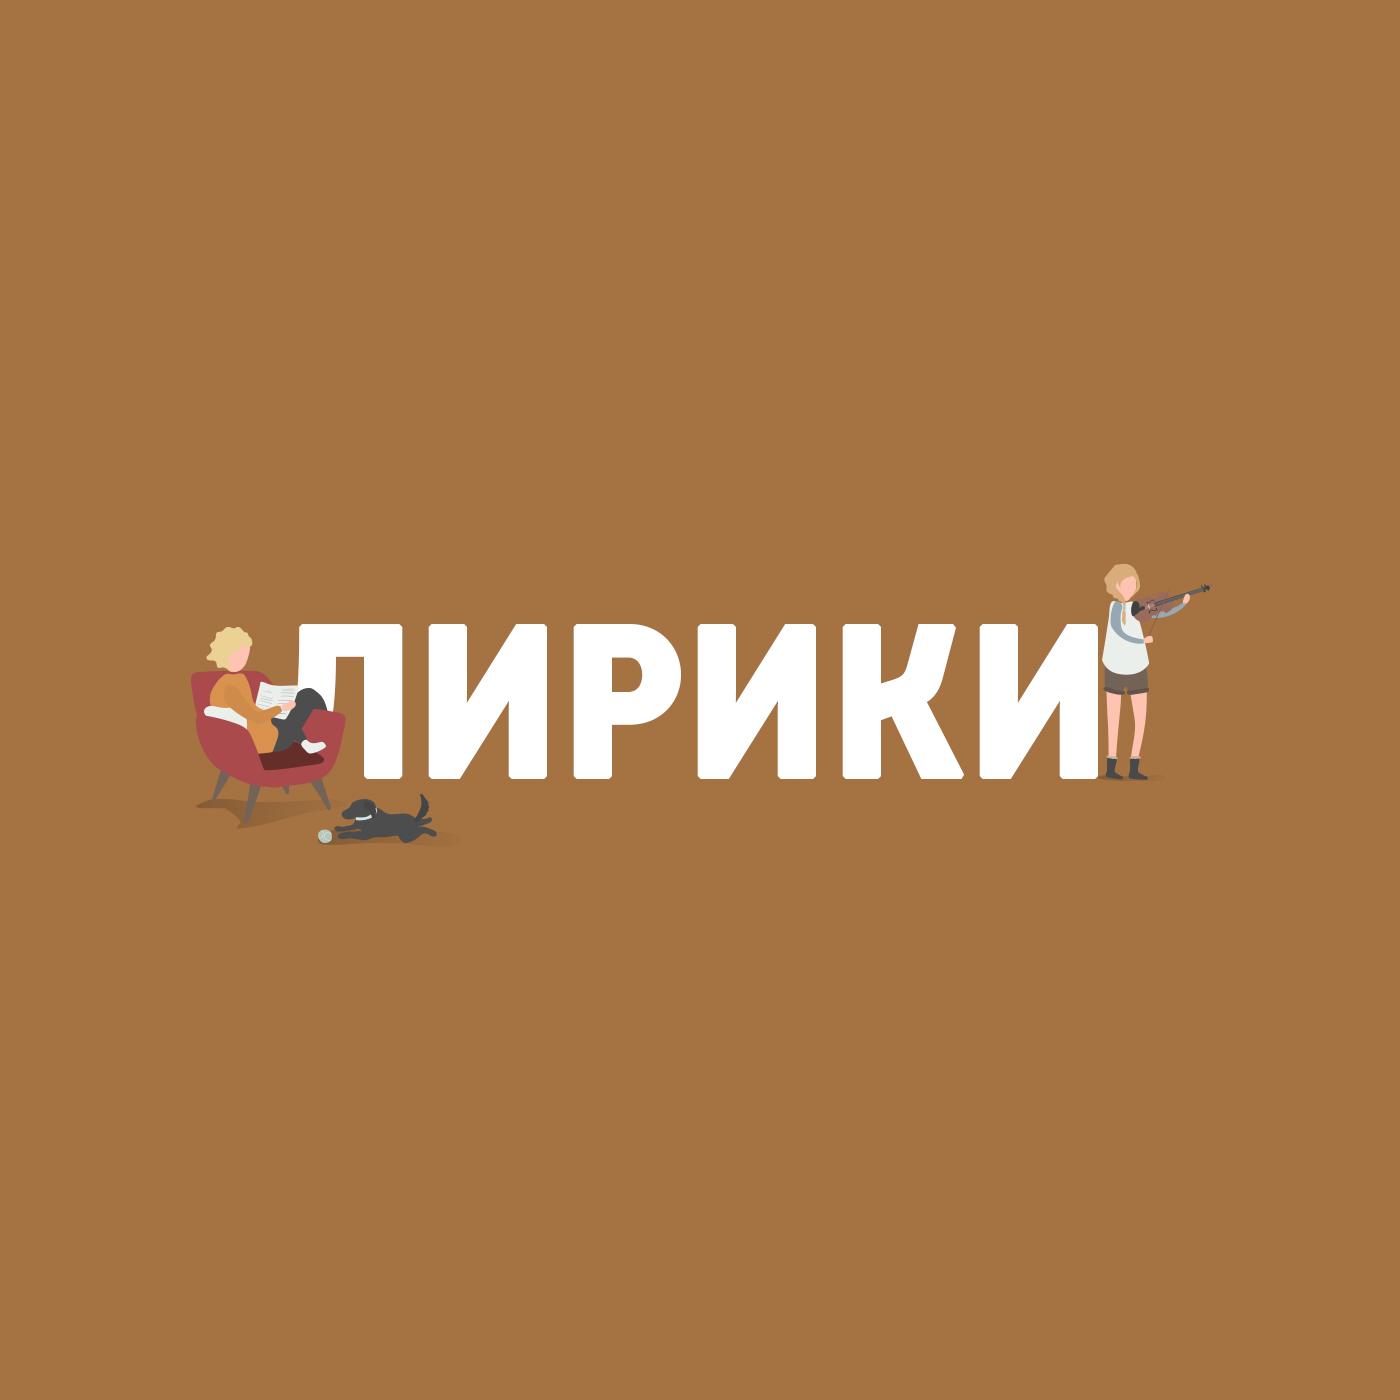 Маргарита Митрофанова Ночь в музее: как популярная акция изменила отношение к музею?